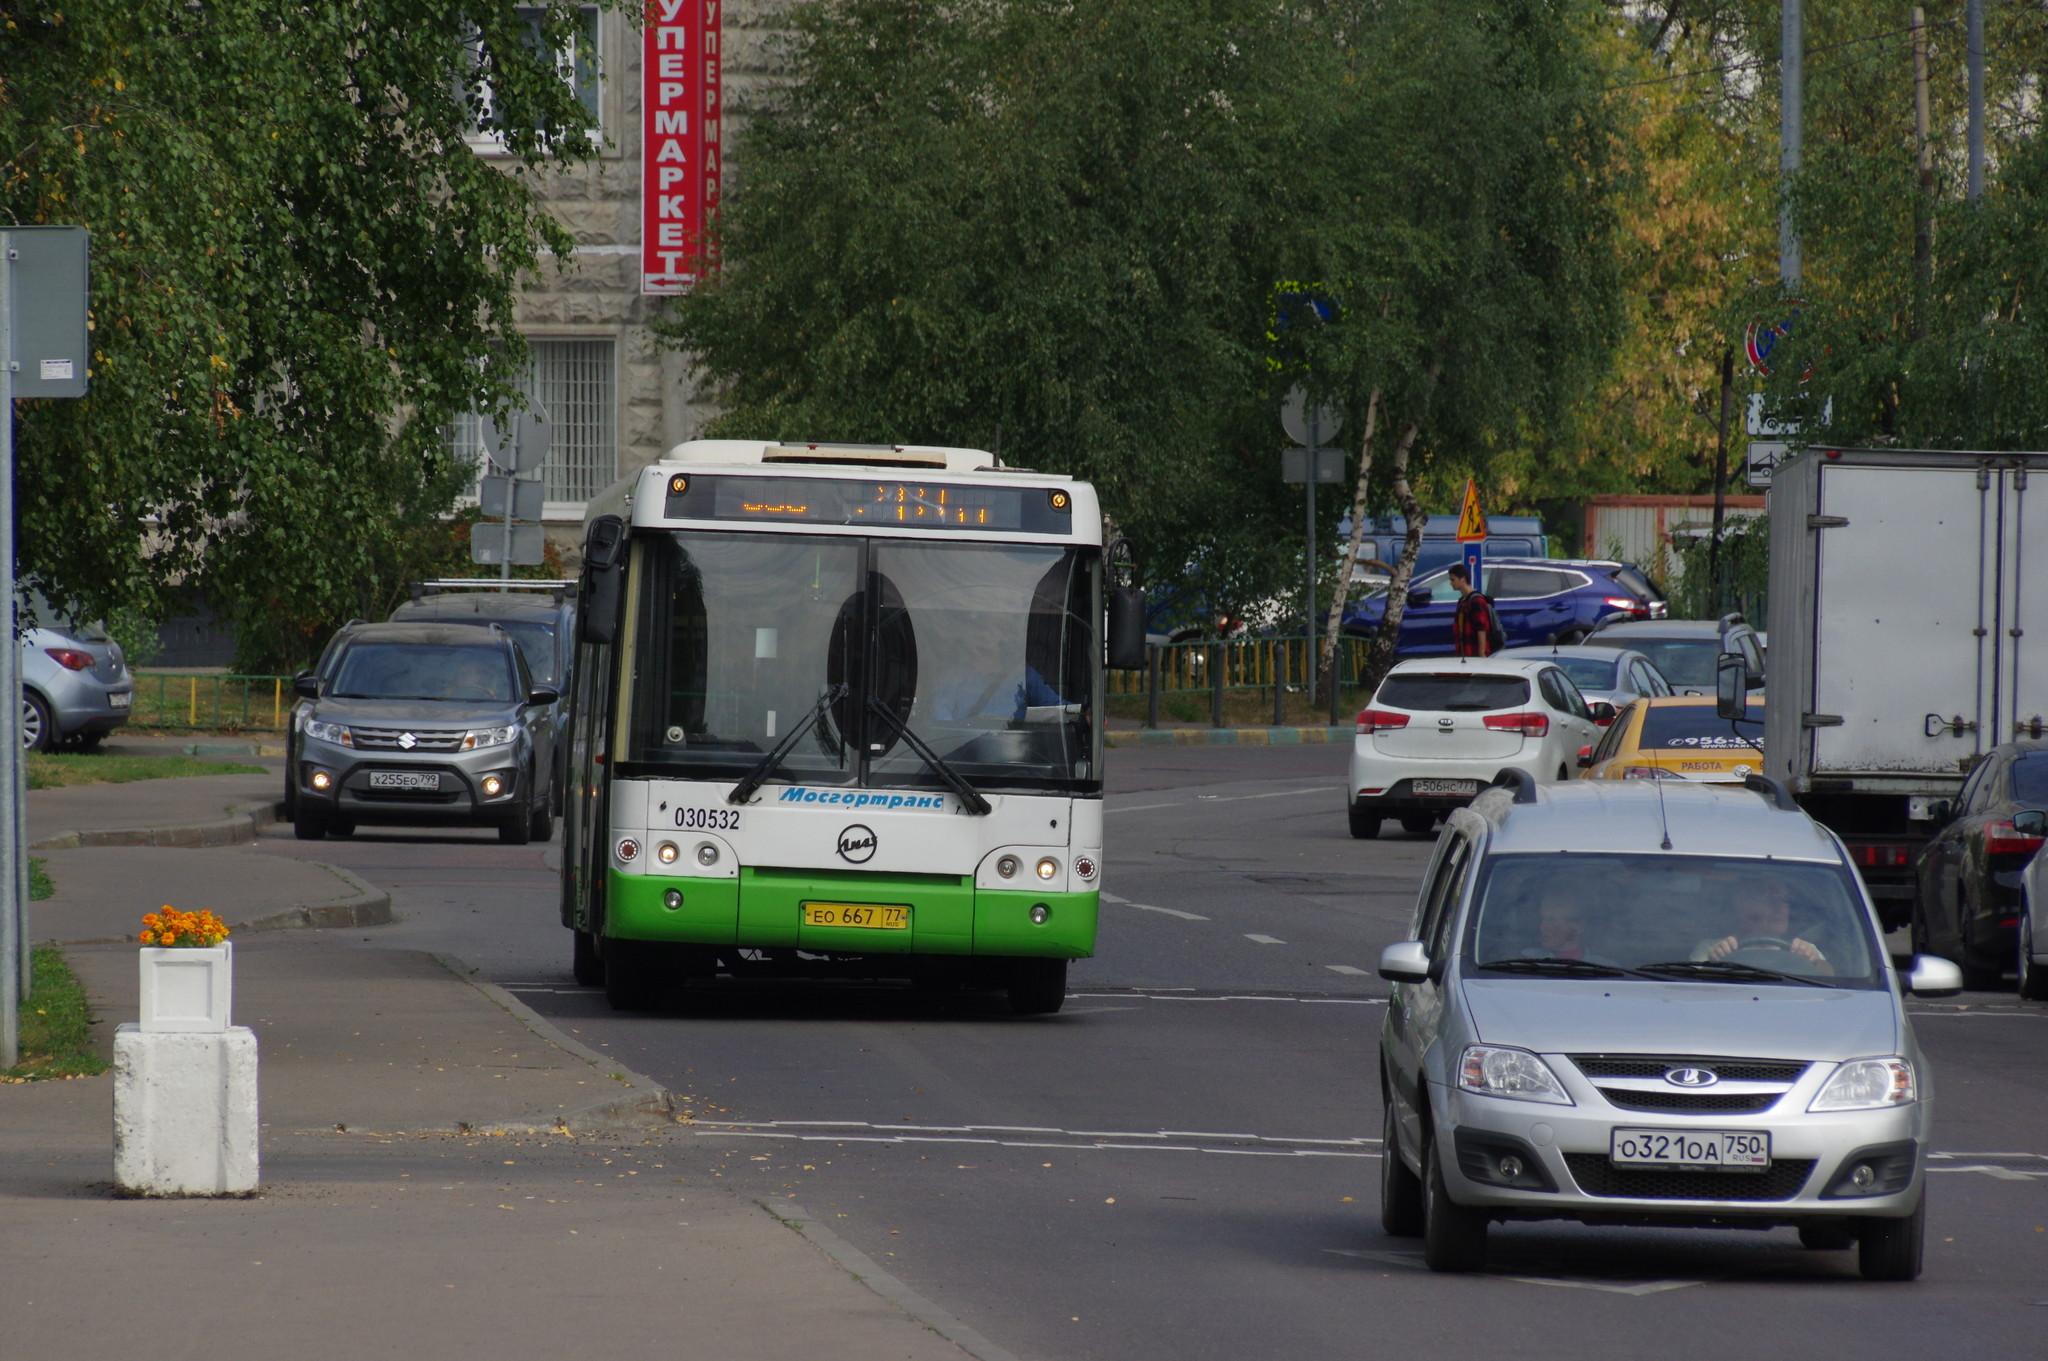 9-я Северная линия. Автобус ЛиАЗ-5292.21 № 030532 на маршруте № 836